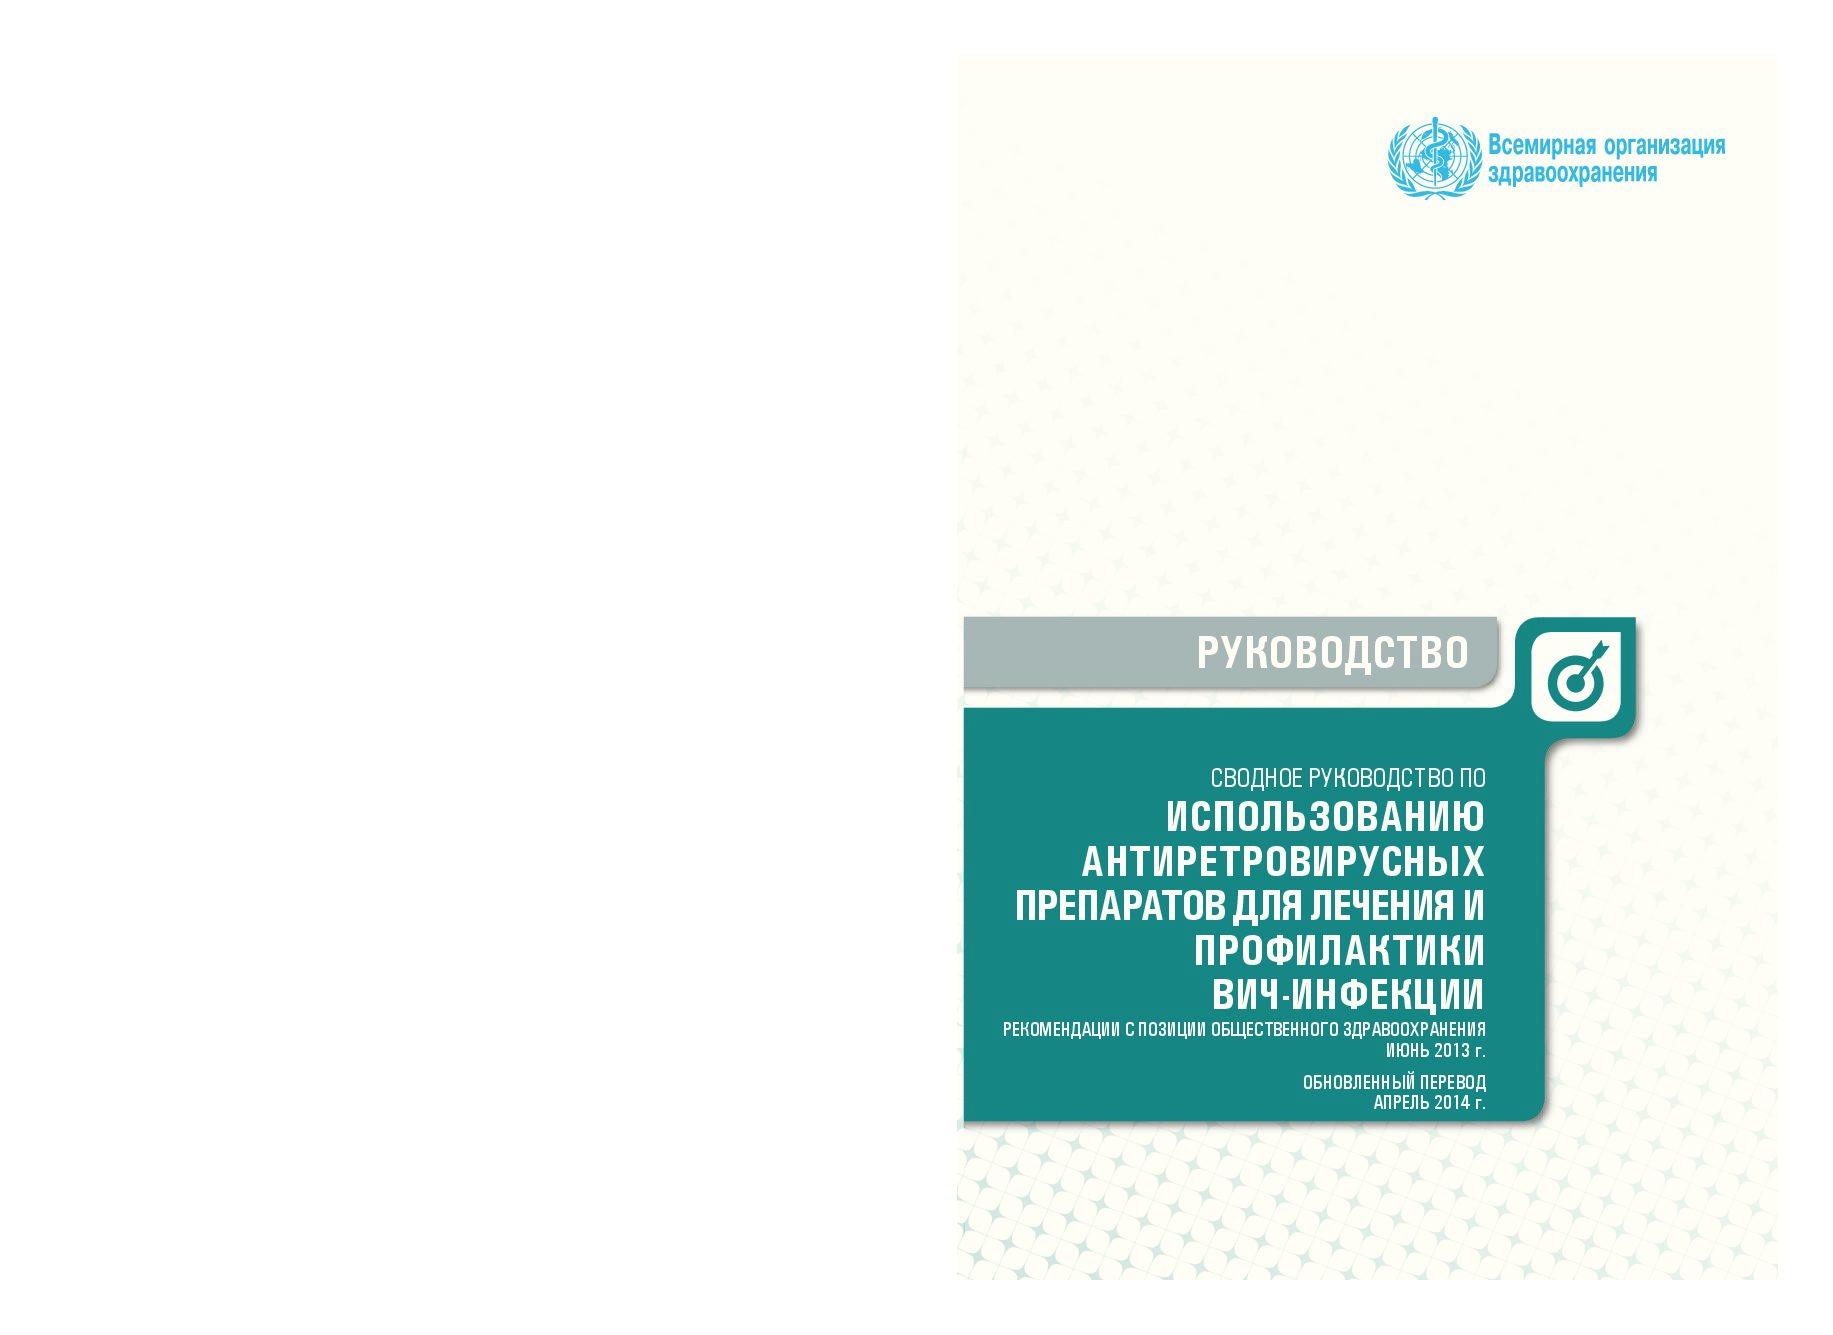 Сводное руководство по использованию антиретровирусных препаратов для лечения и профилактики ВИЧ-инфекции.